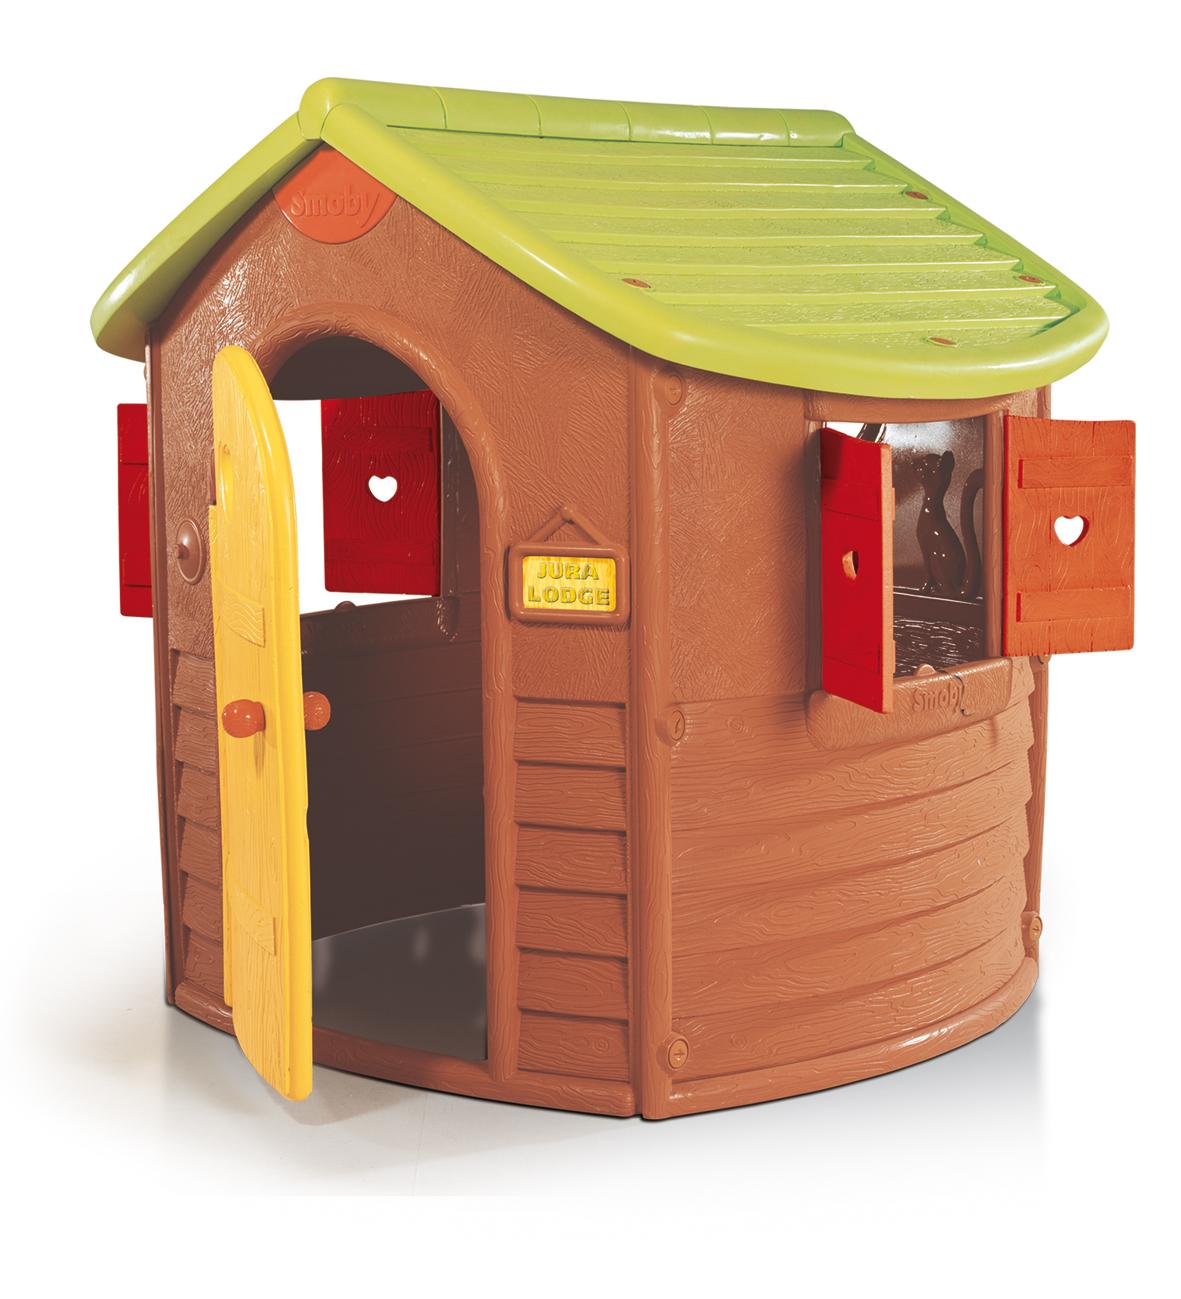 Maison jardin pour enfant for Maison jardin enfant occasion